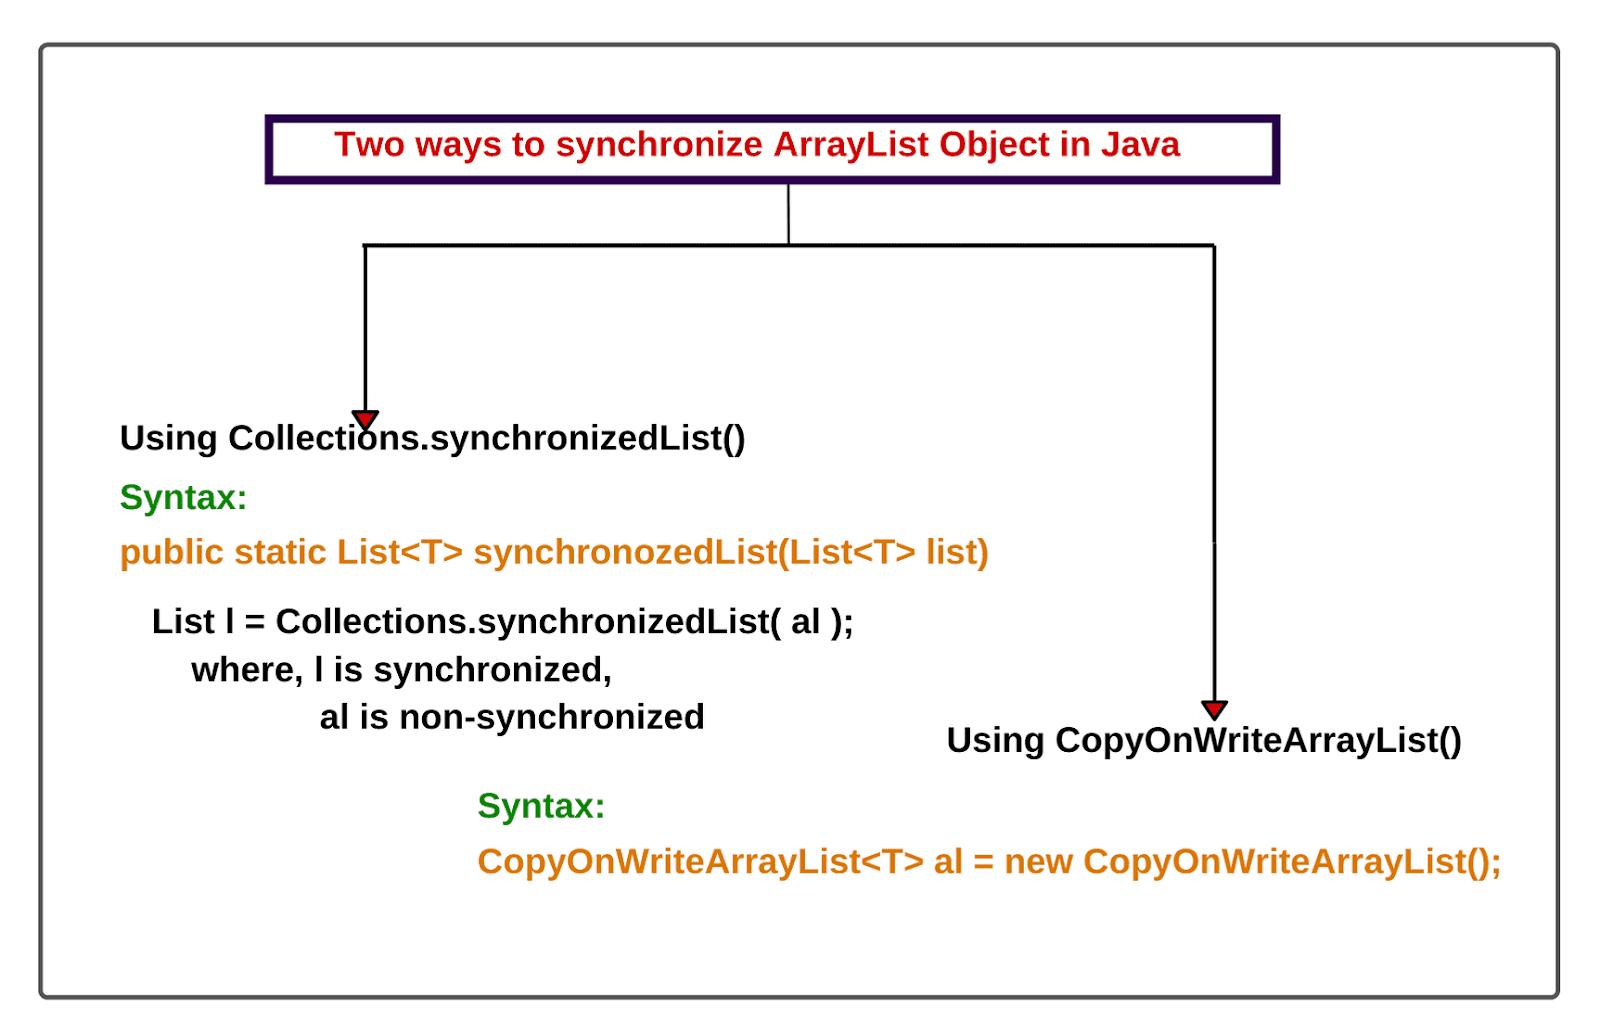 Two ways to synchronize ArrayList in Java